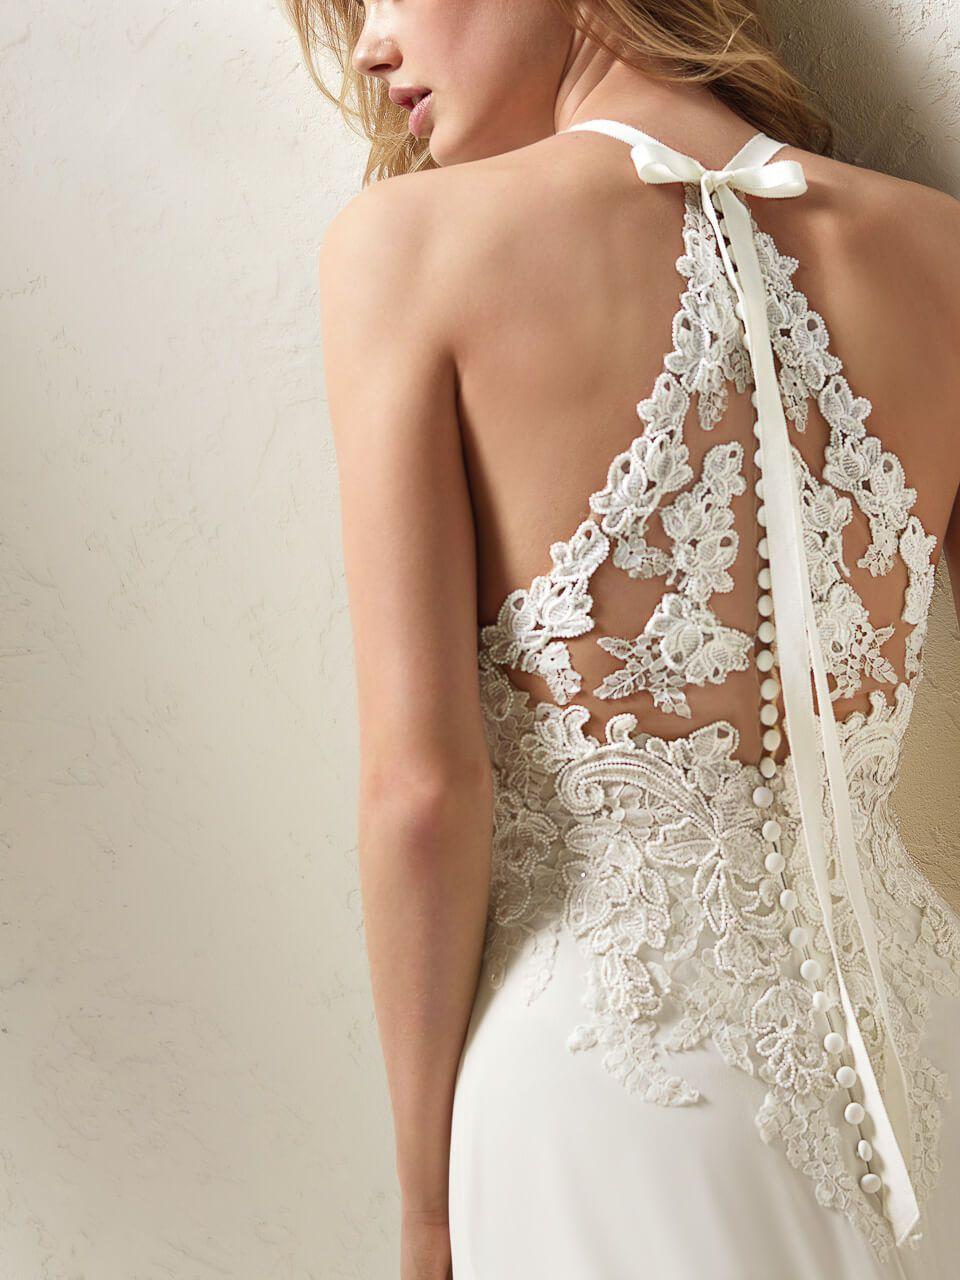 Die aktuelle Brautmode Kollektion #attireforwedding